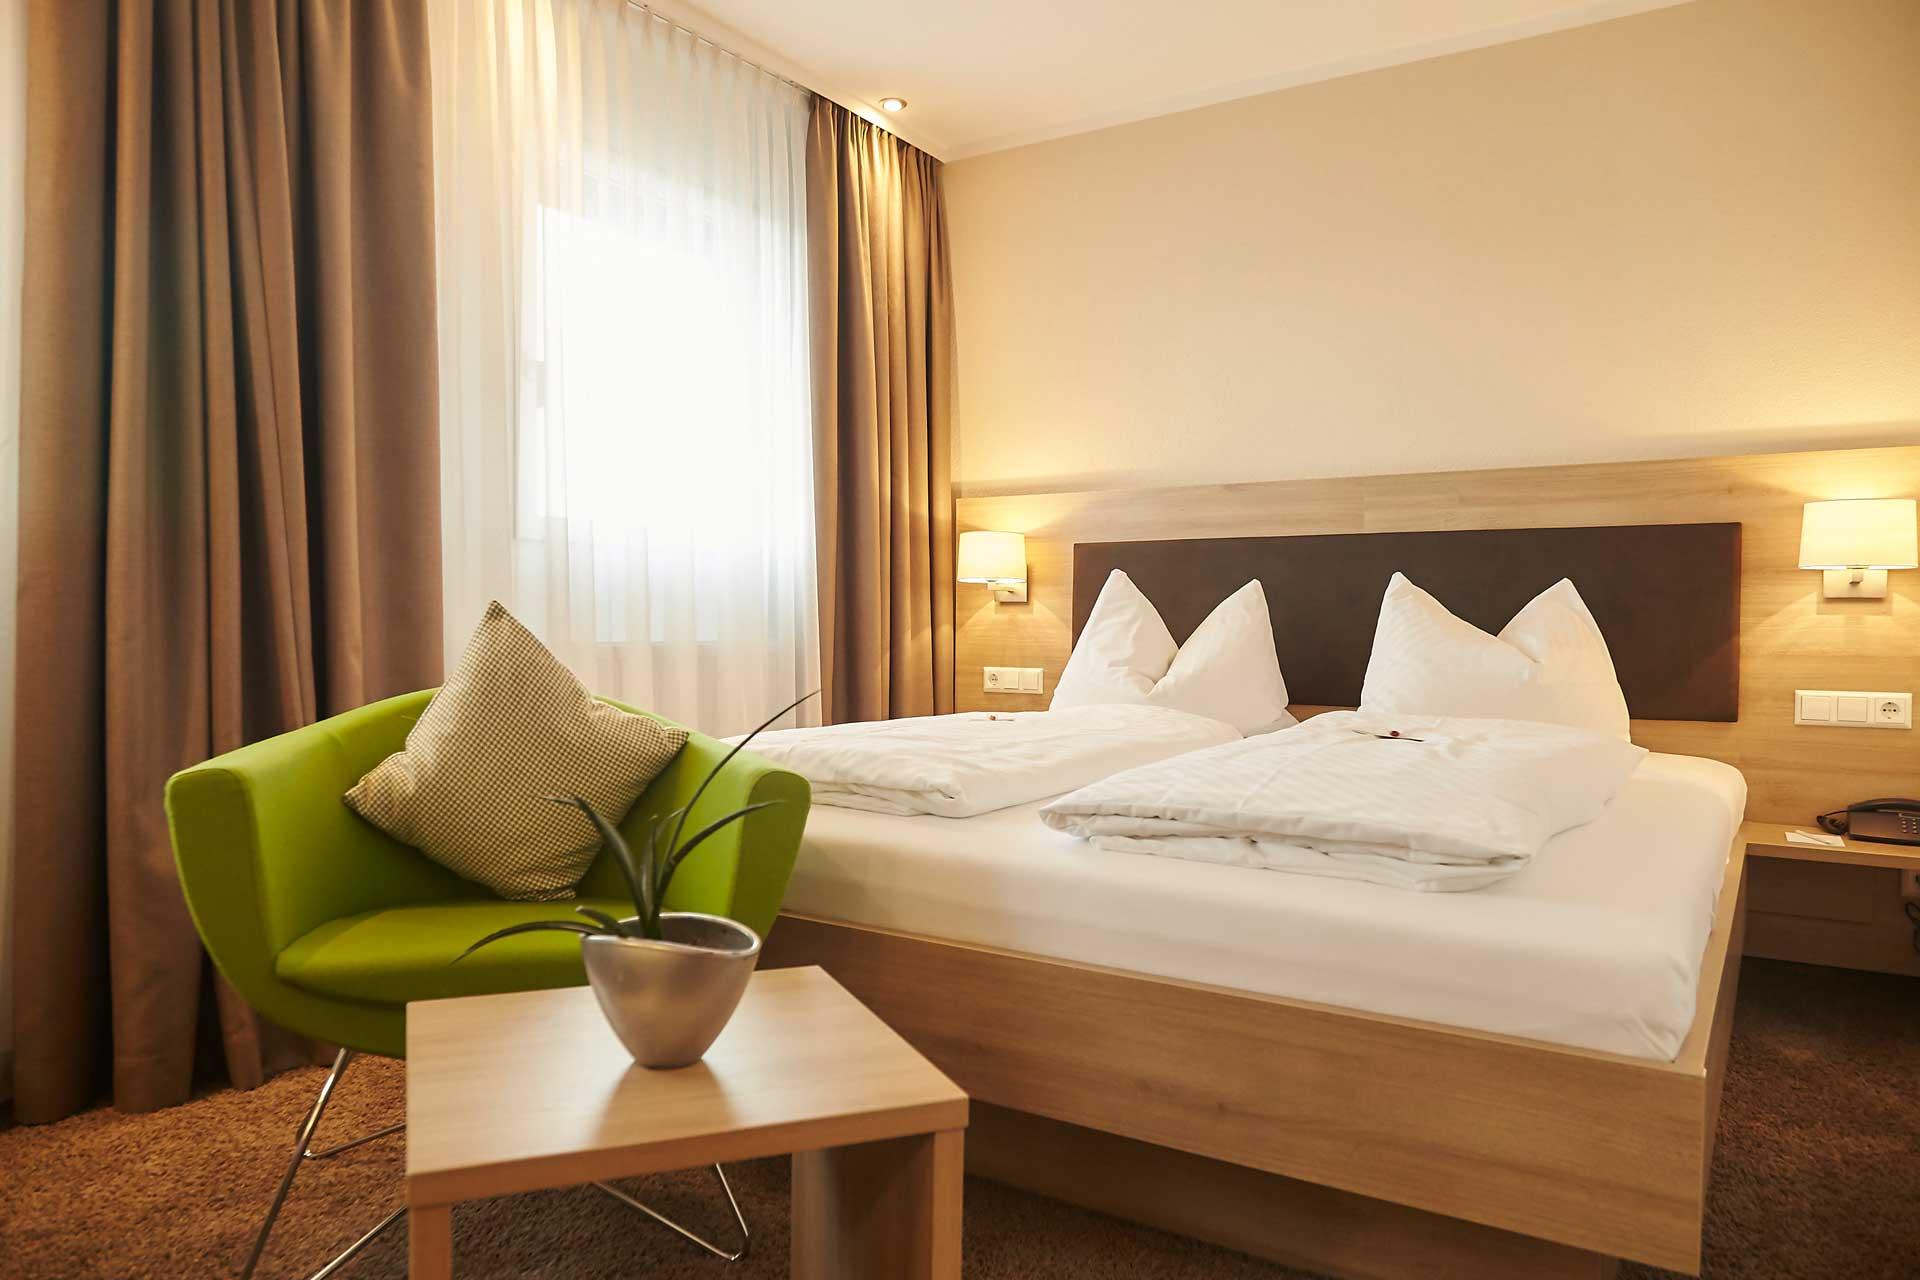 Flair Hotel Grüner Baum Schwarzwald Flair Hotels In Den Regionen